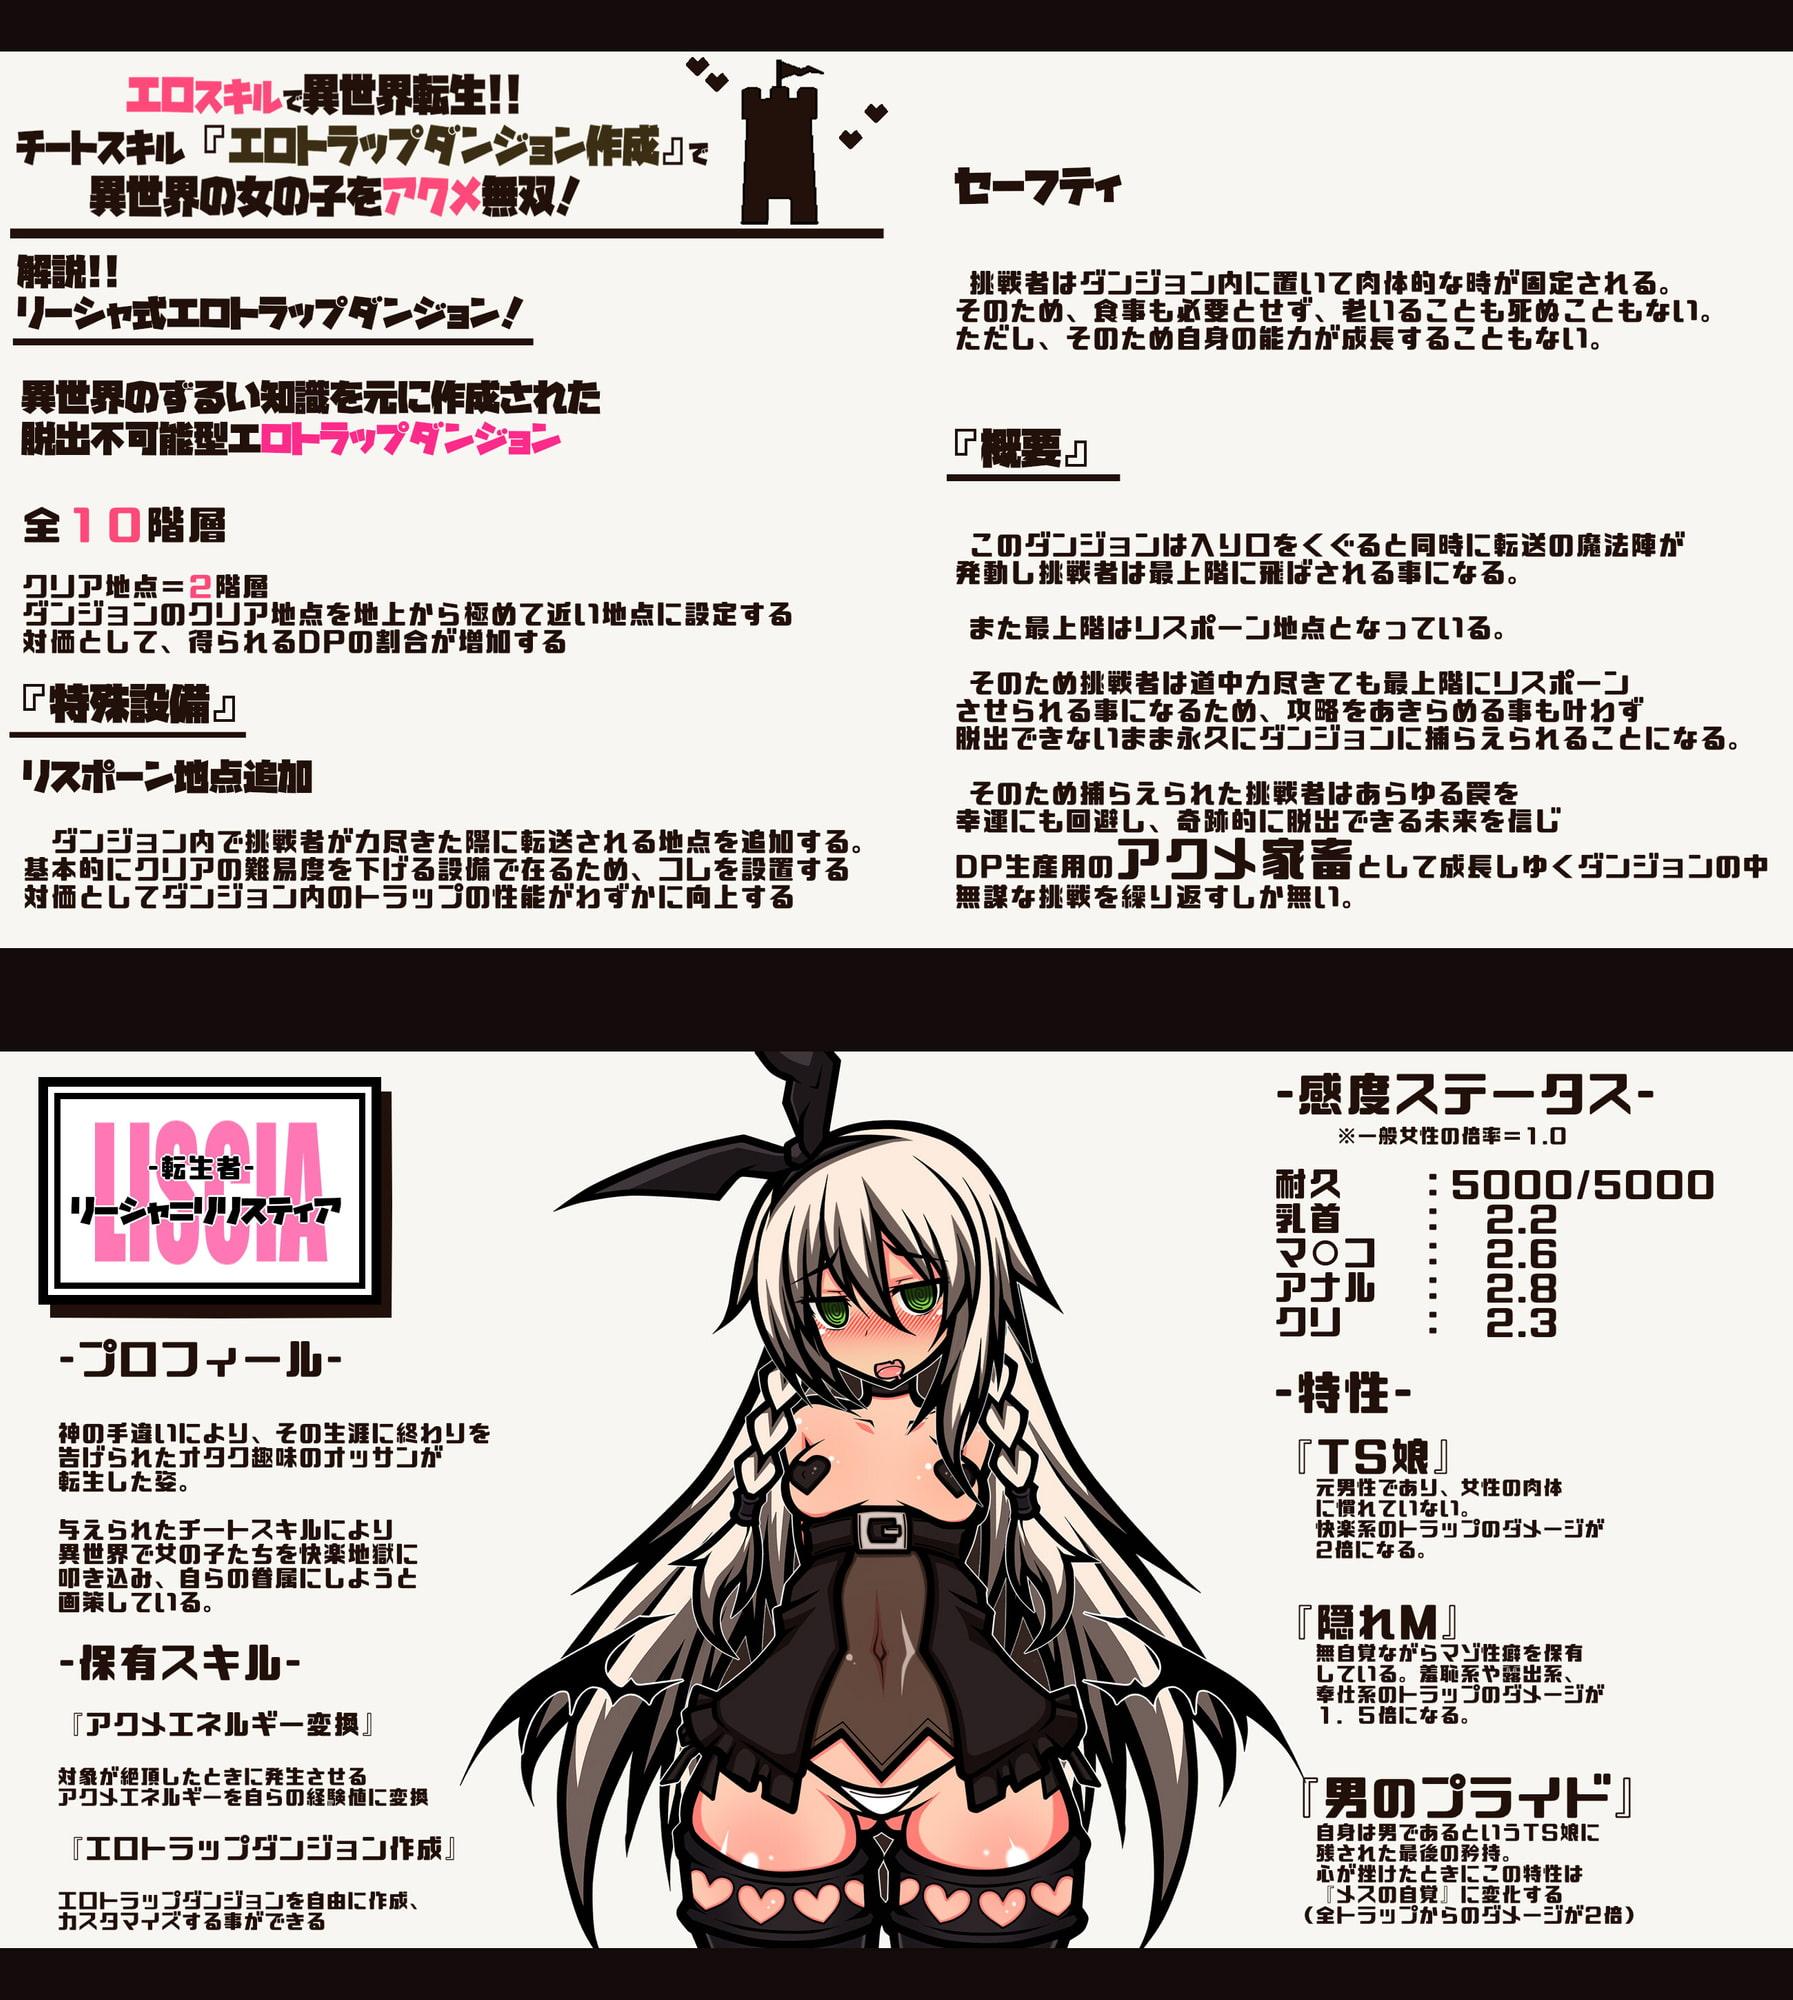 エロスキルで異世界転生!! チートスキル『エロトラップダンジョン作成』で 異世界の女の子をアクメ無双!!